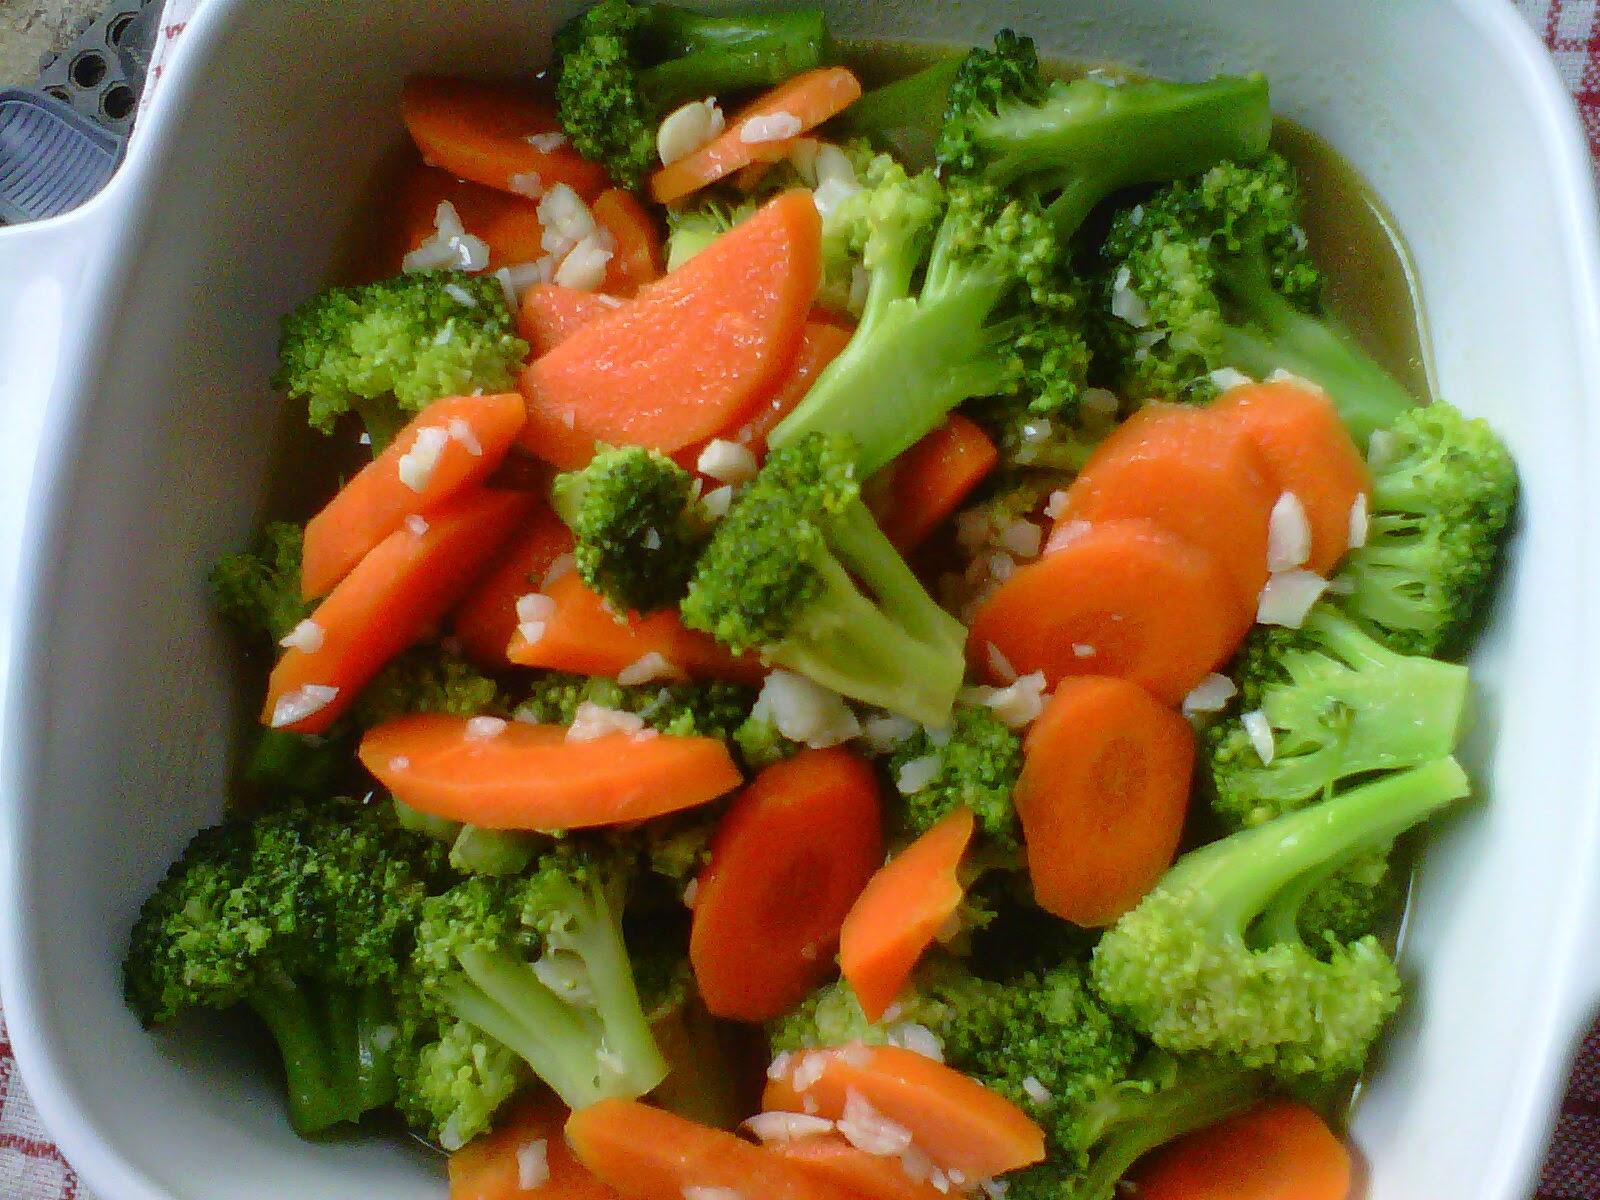 Aneka Jus Buah Dan Sayur Untuk Diet